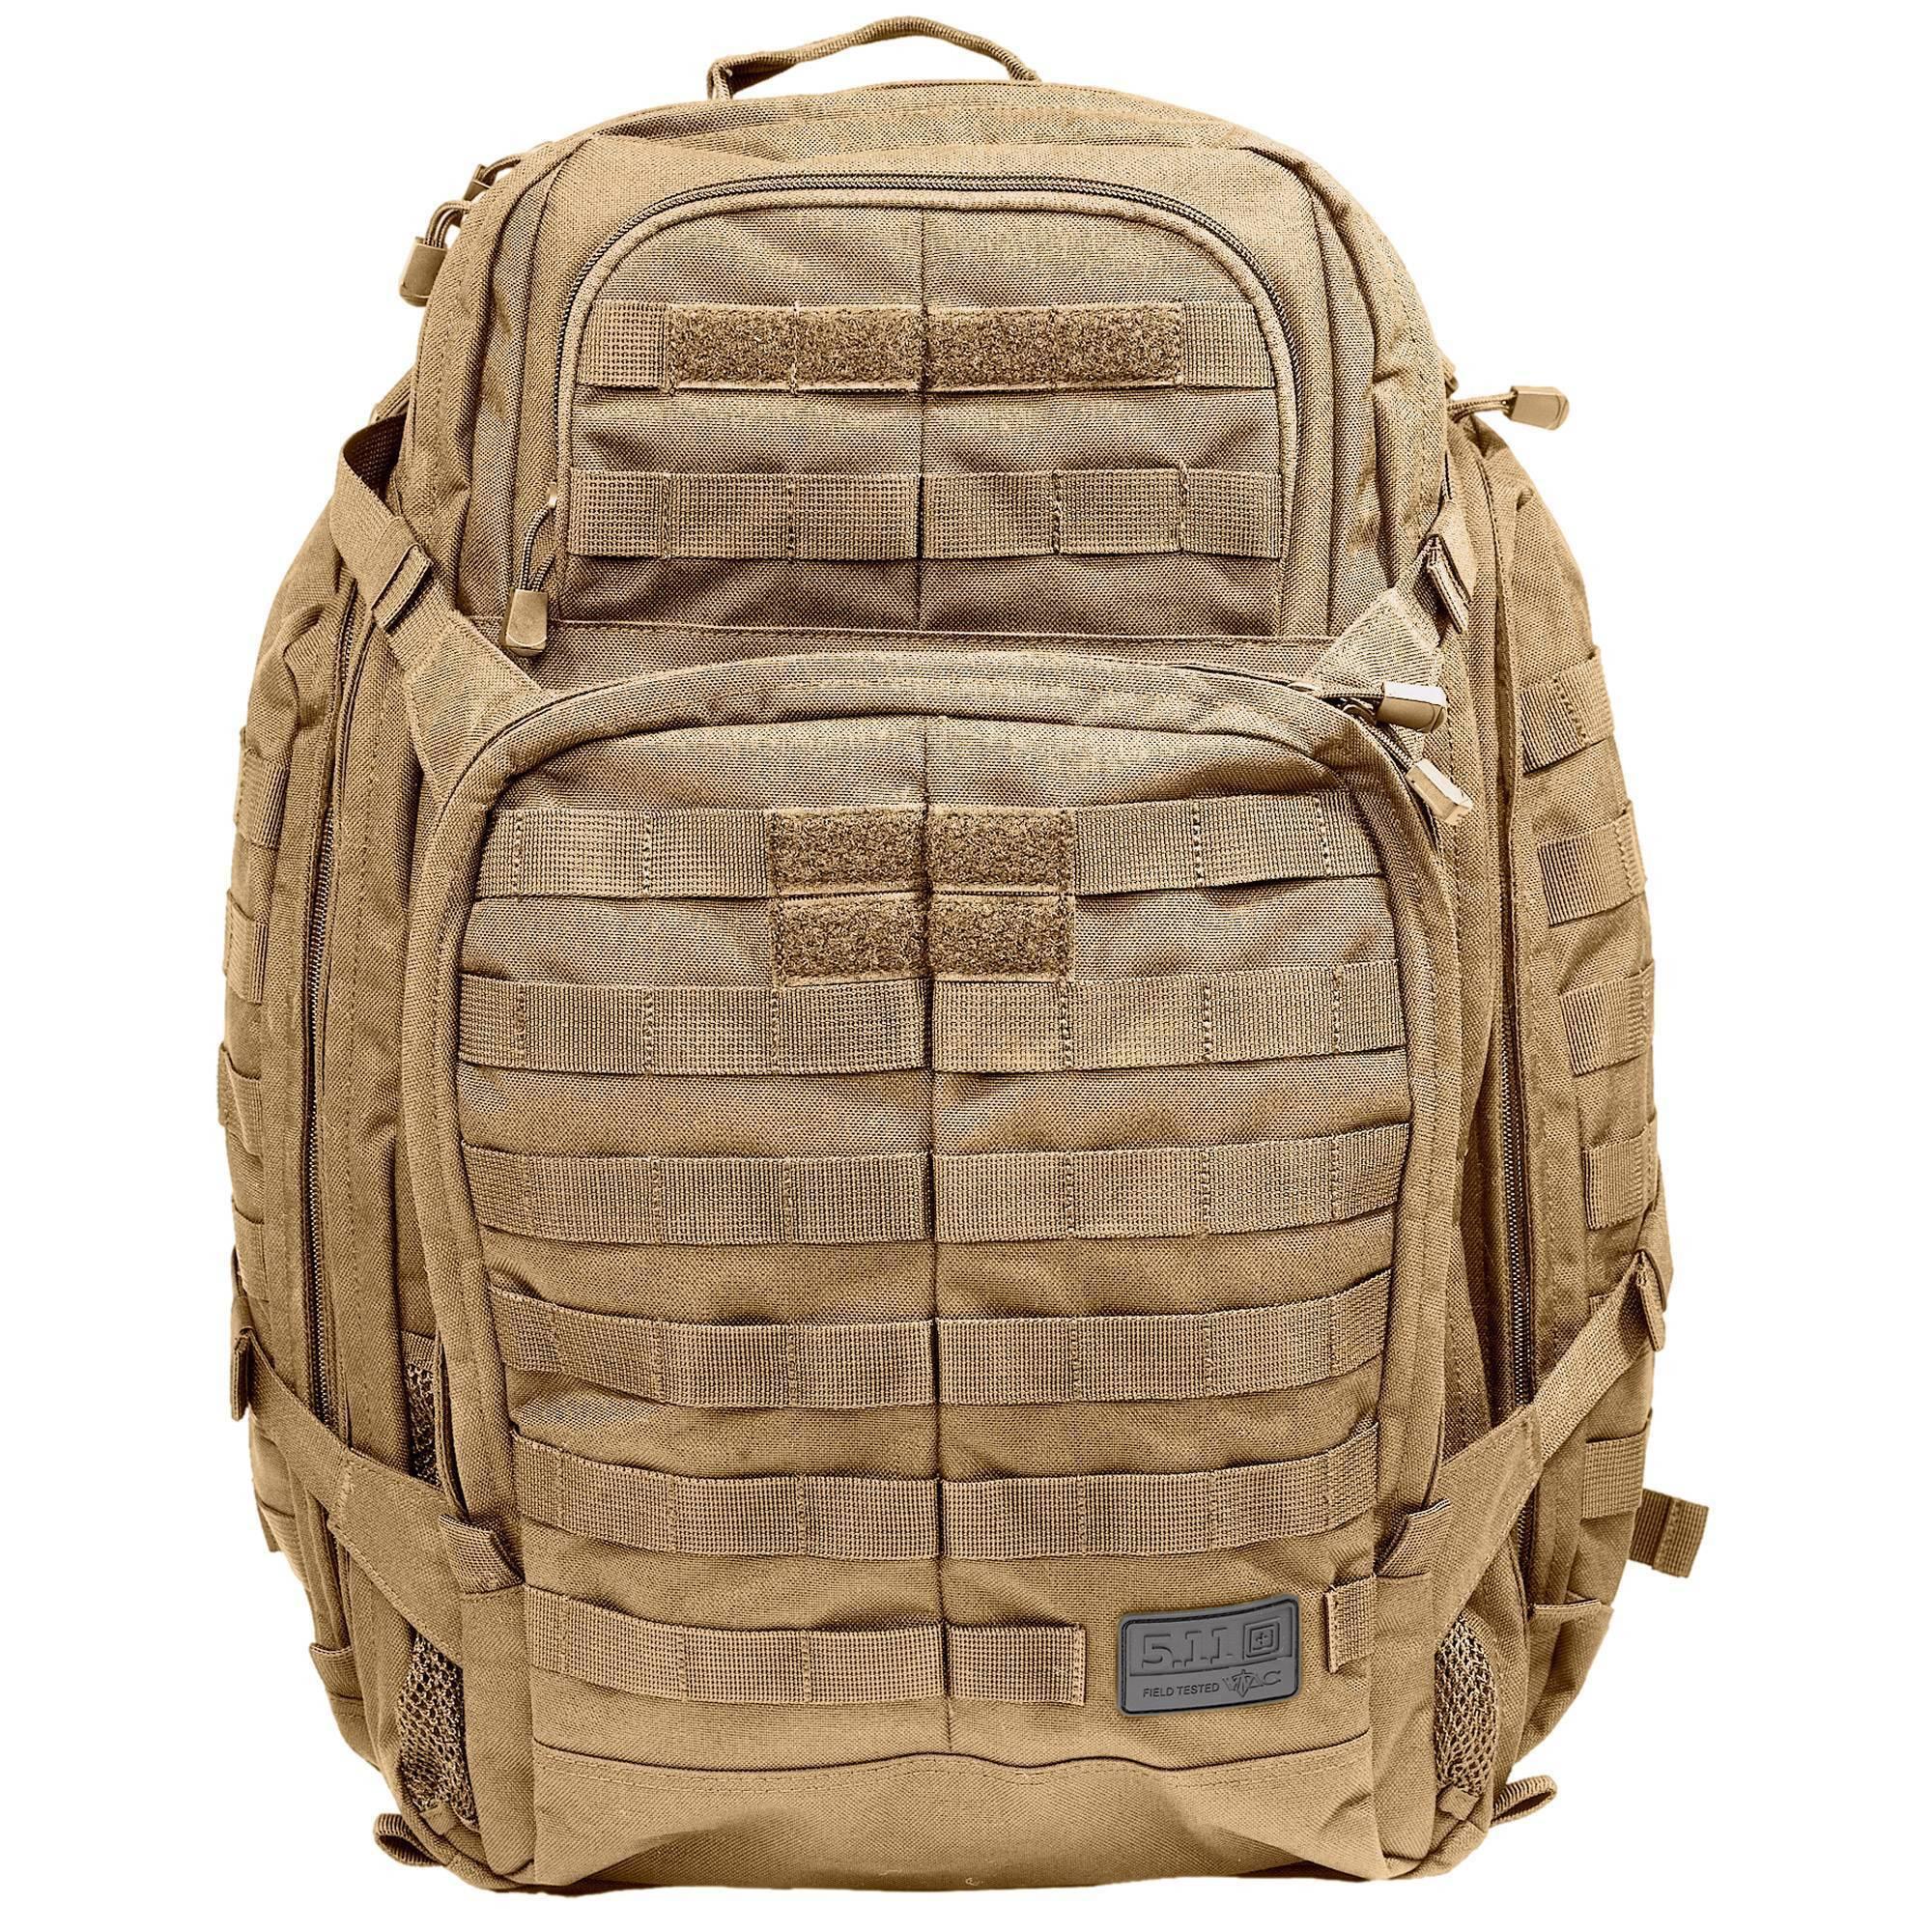 Тактический рюкзак 5.11 Tactical RUSH 72 Backpack Flat Dark Earth 58602-131